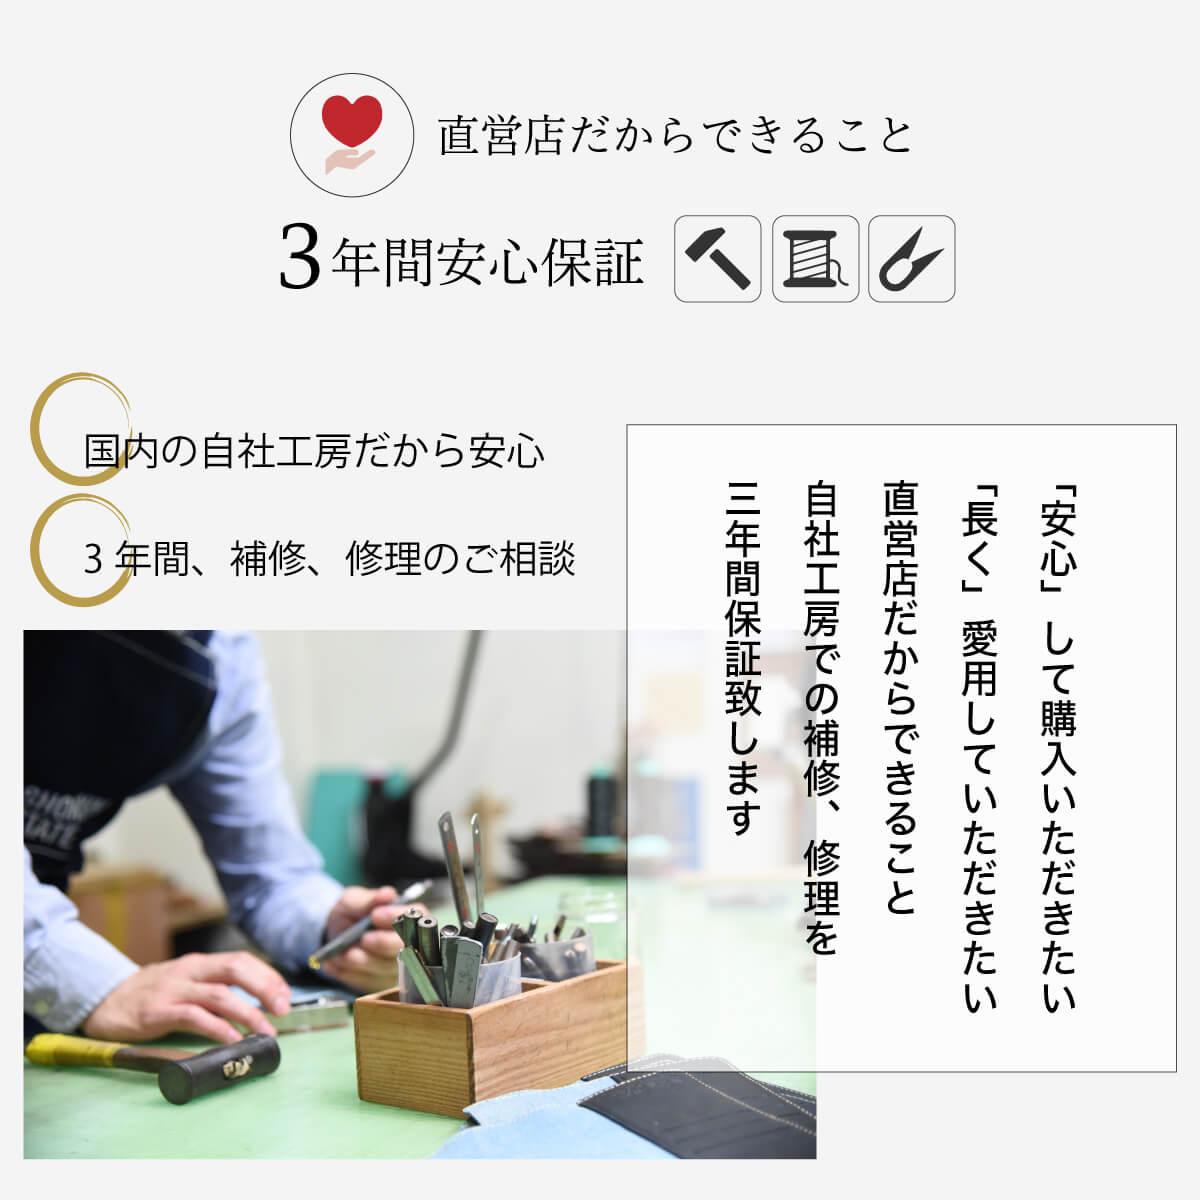 ボディバッグ サコッシュ Navy ミニクラッチバッグ ショルダー【名入れ可】